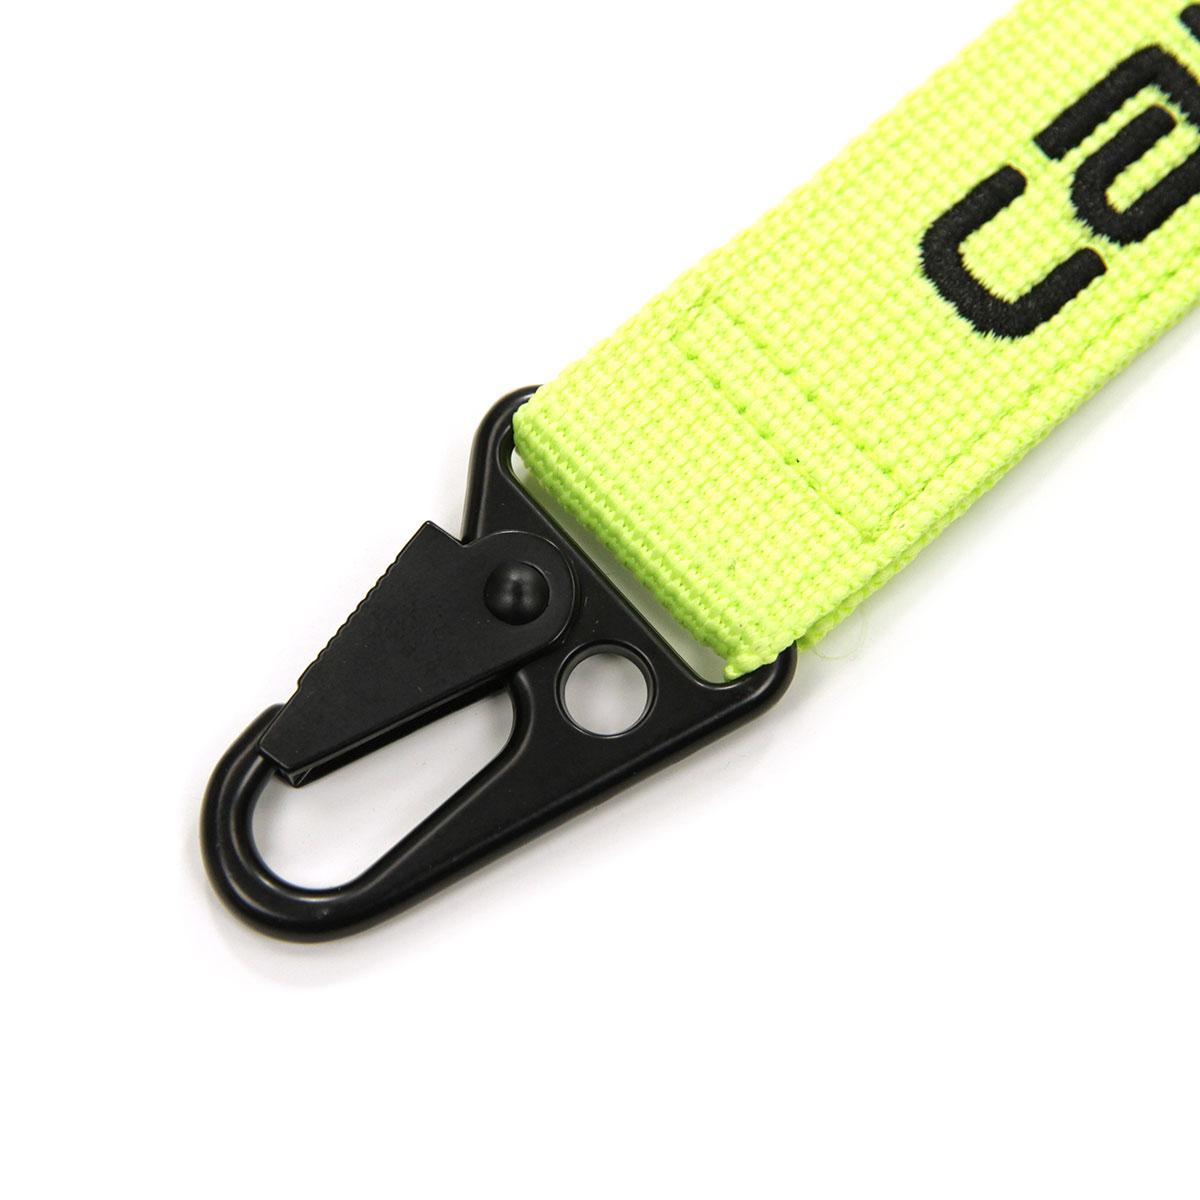 カーハート キーホルダー メンズ レディース 正規販売店 CARHARTT WIP アクセサリー JADEN KEYHOLDER LIME/BLACK I027773 09E AB0B B1C C3D D5E E08F